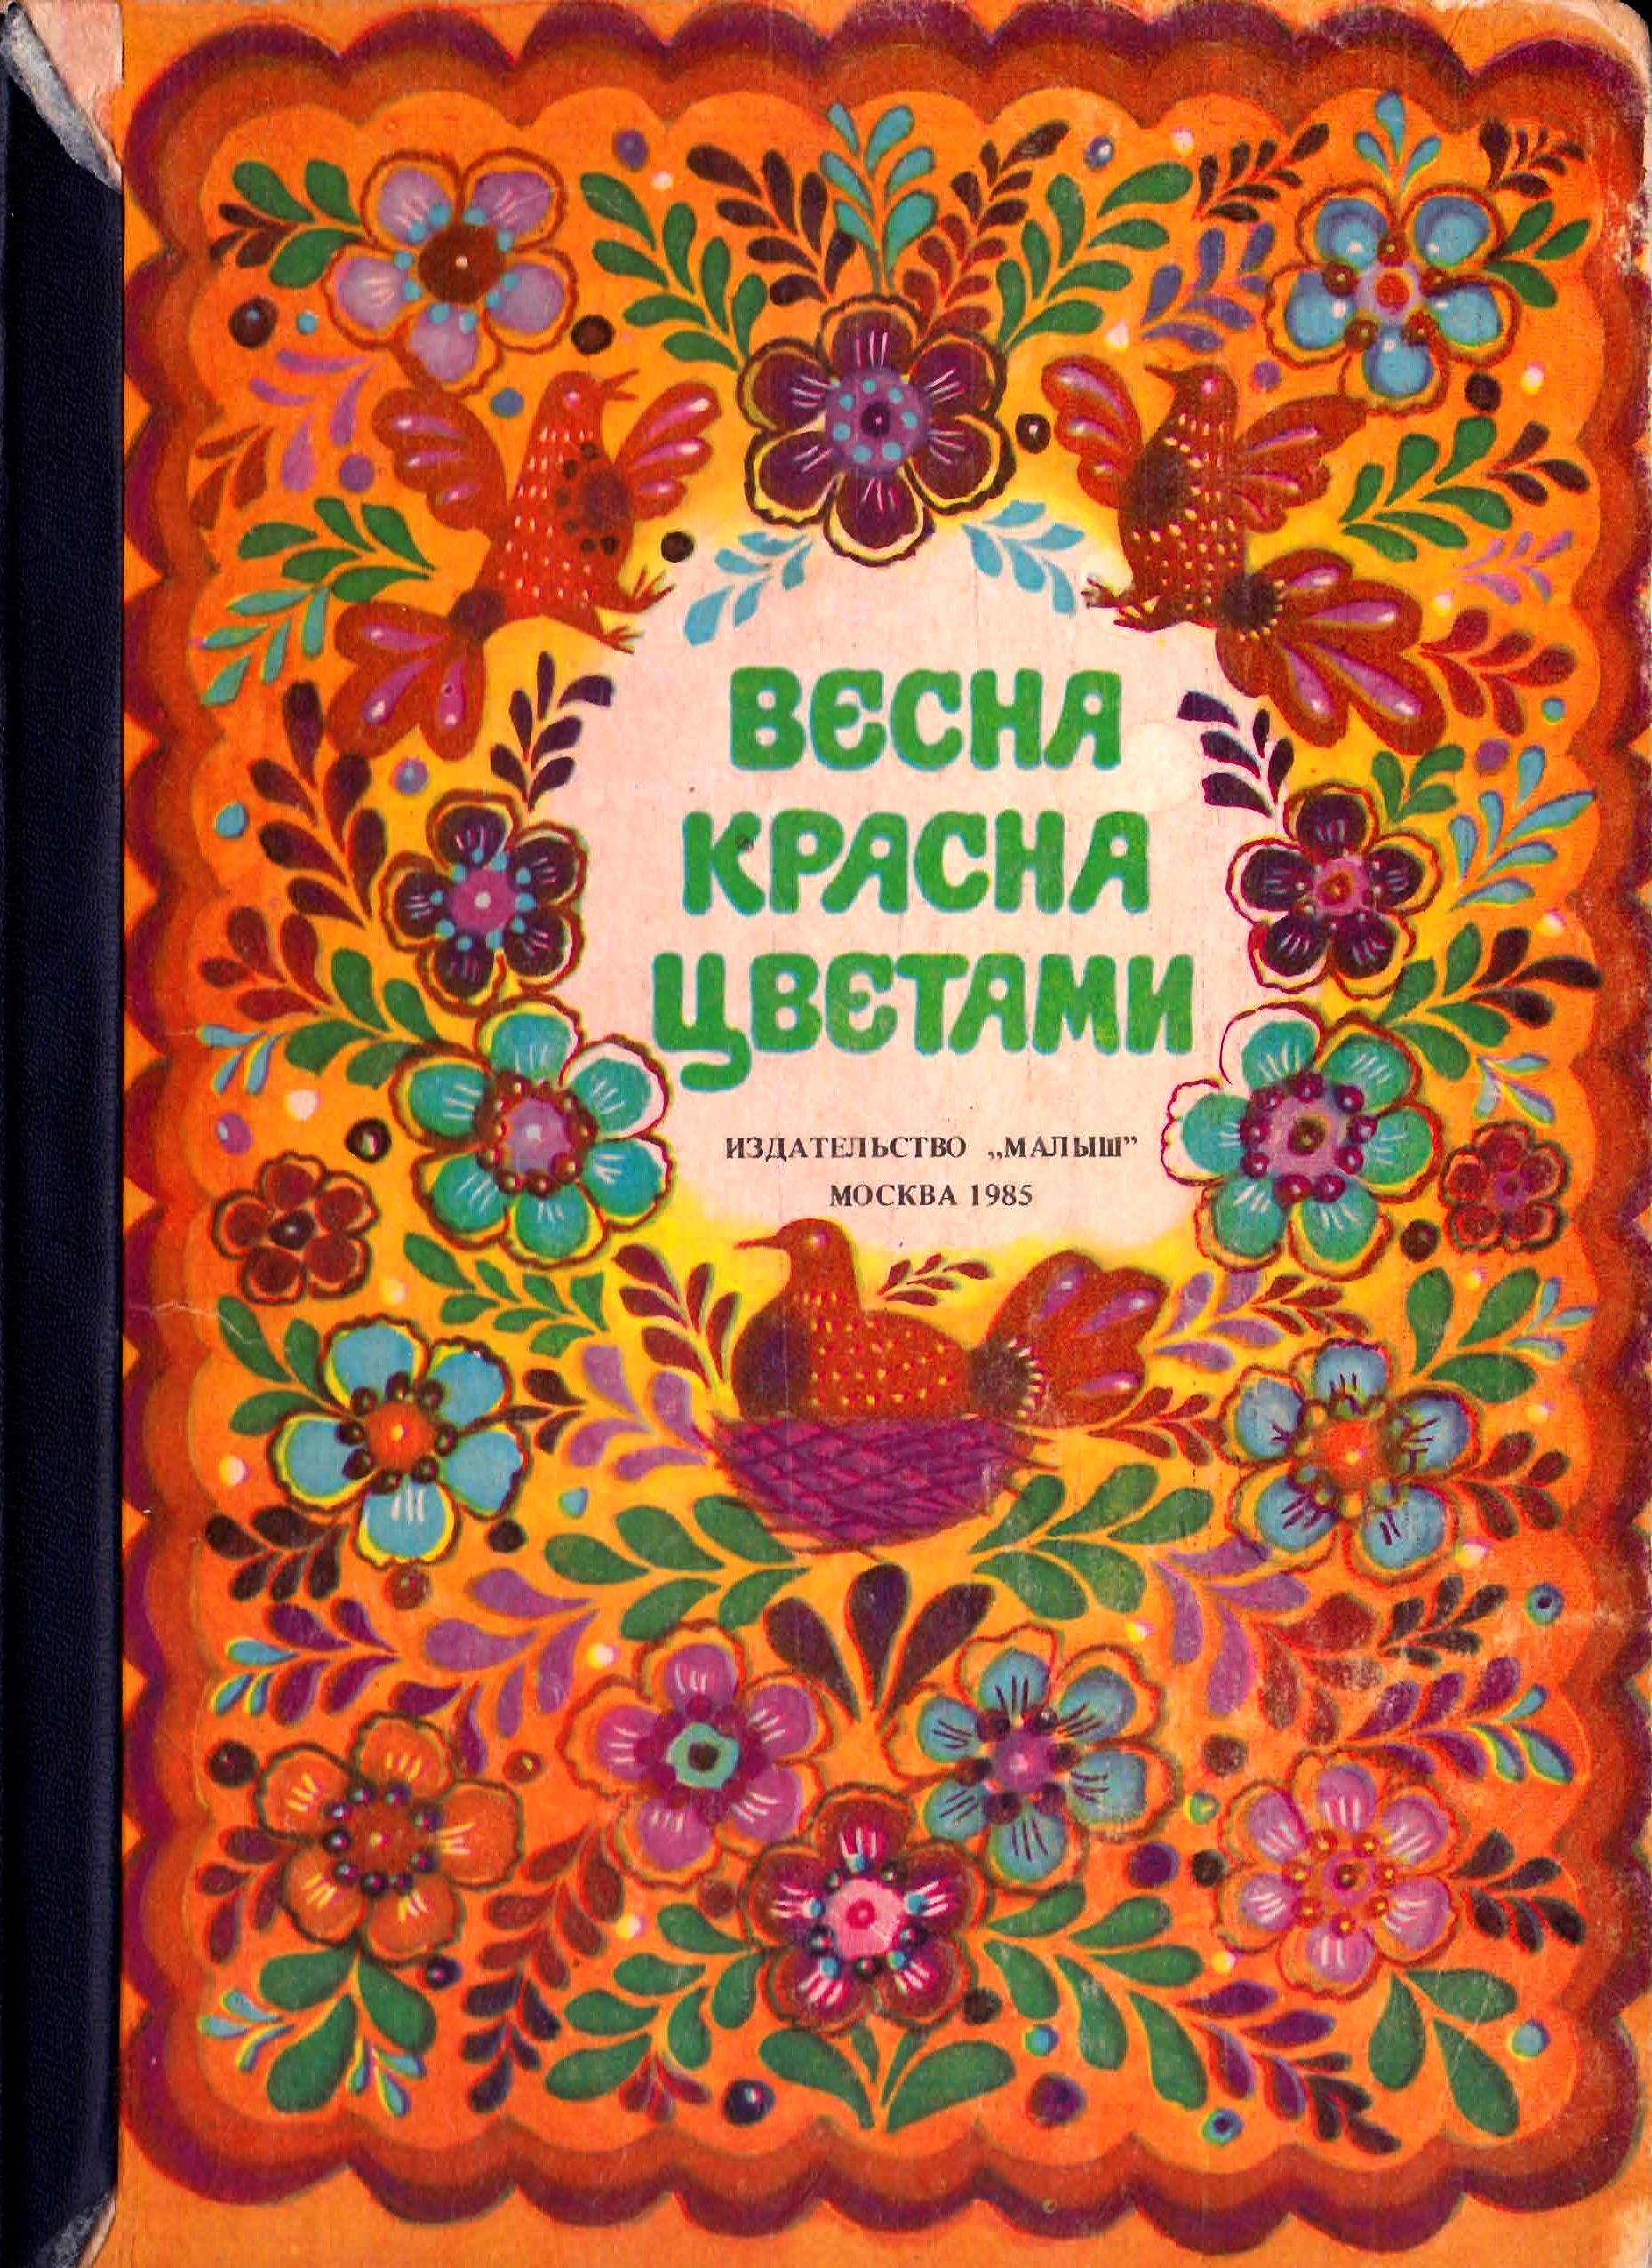 Весна красна цветами  by  Л. Н. Елисеева